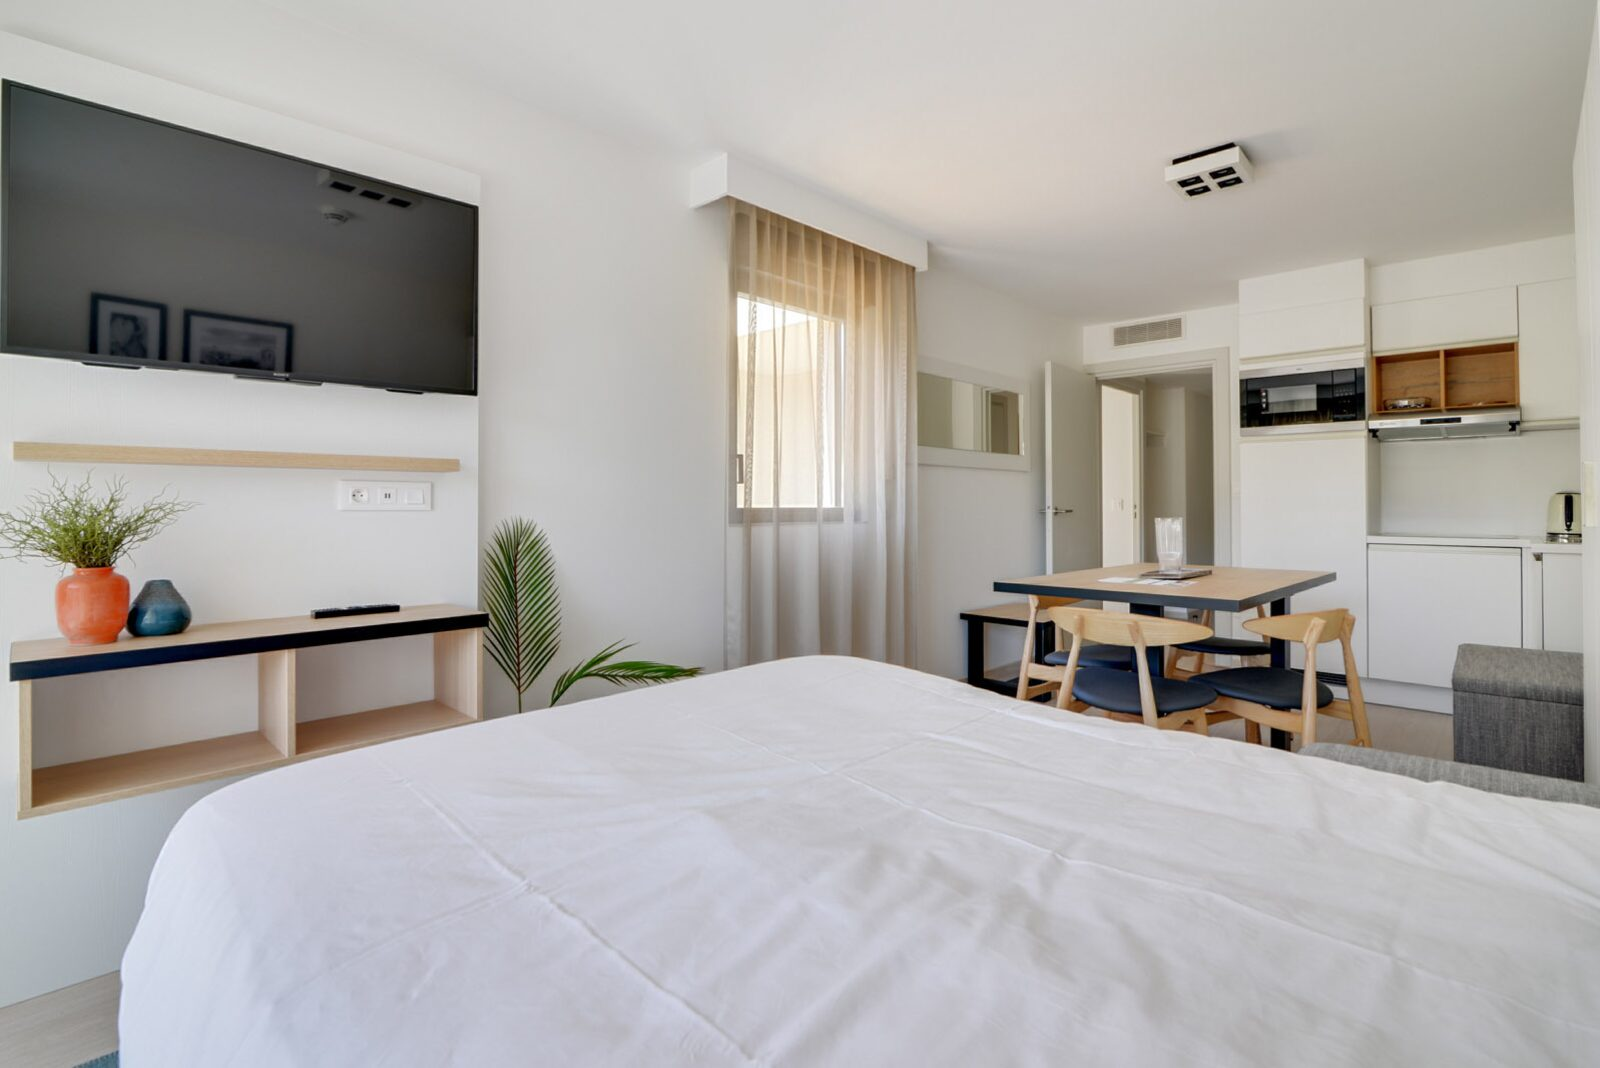 Nieuwe standaard suite voor 4 personen met tweepersoonsbed en zetelbed